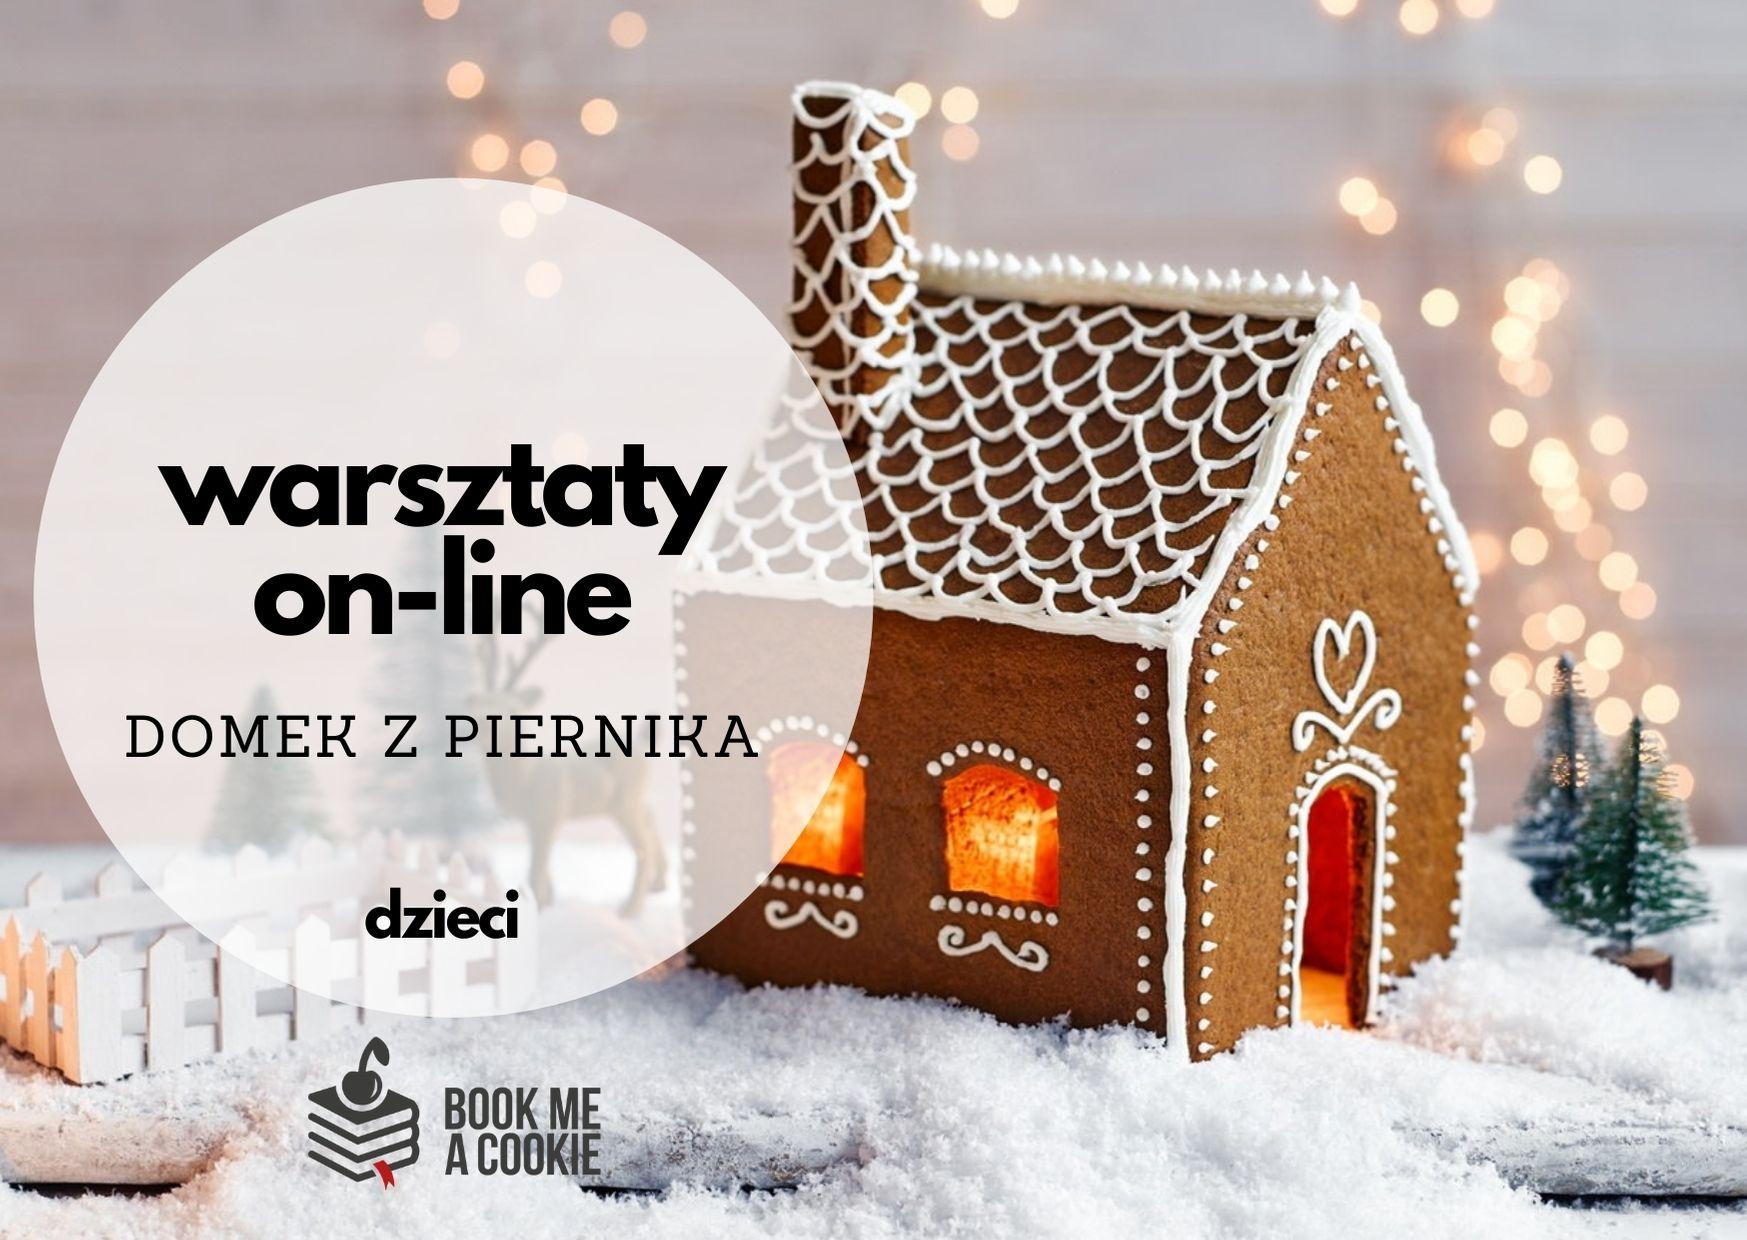 Warsztaty kulinarne on-line: domek z piernika